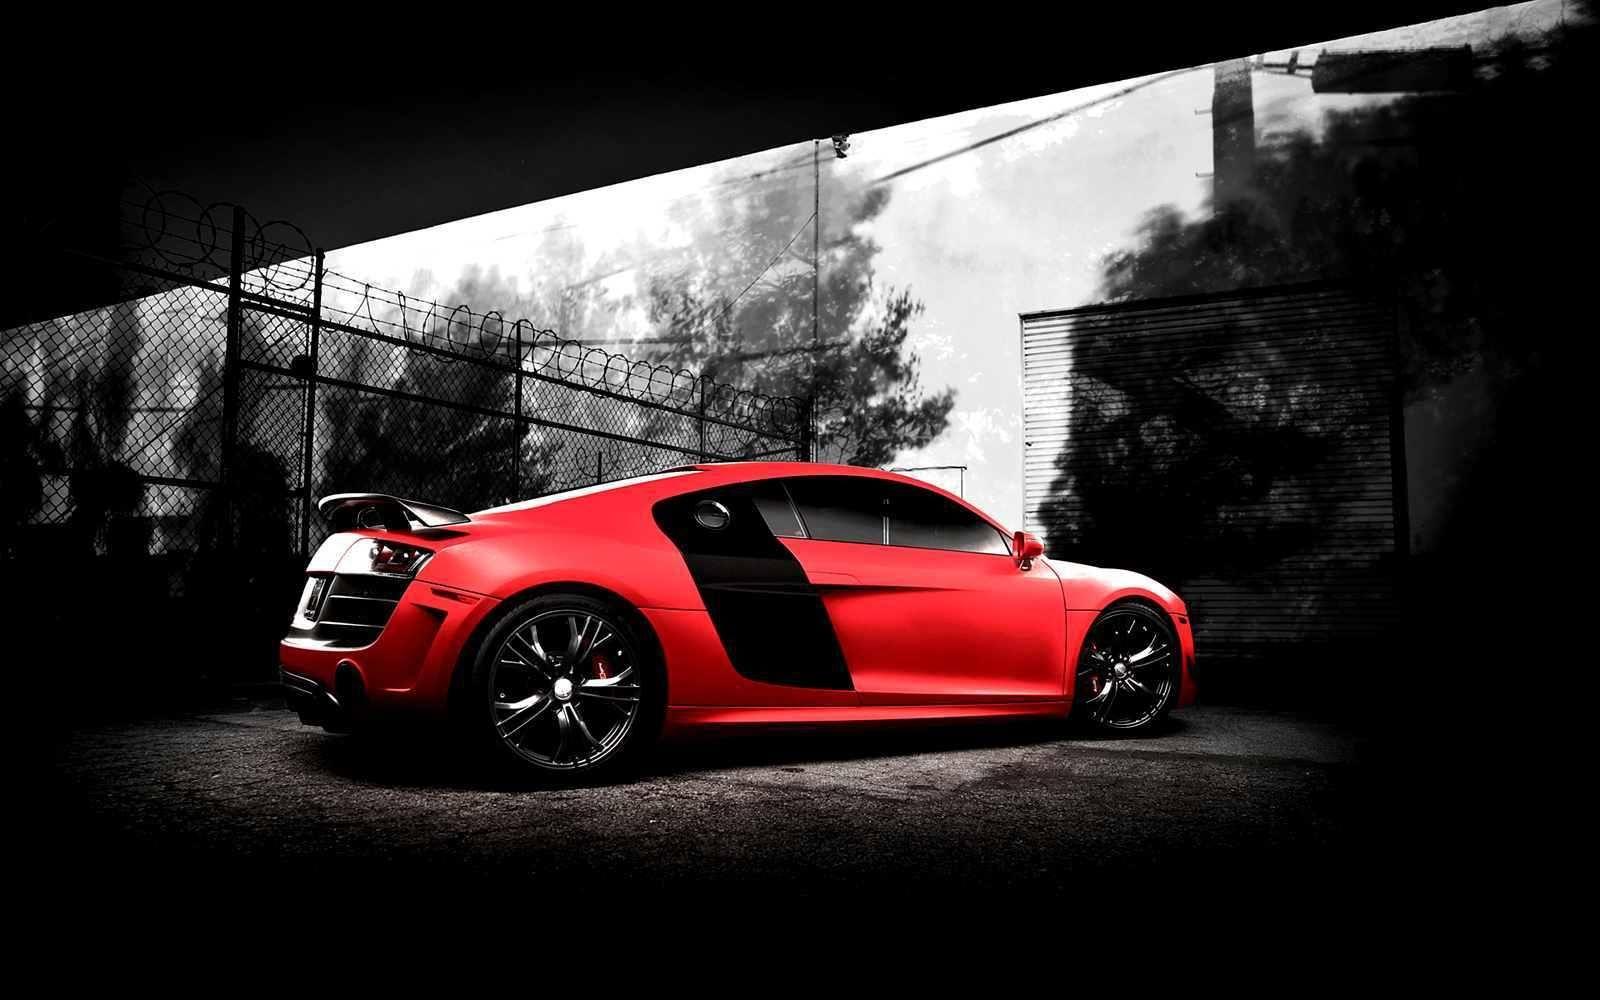 Audi R8 Gt 5 Hd Audi R8 Wallpaper Audi R8 Gt Red Audi R8